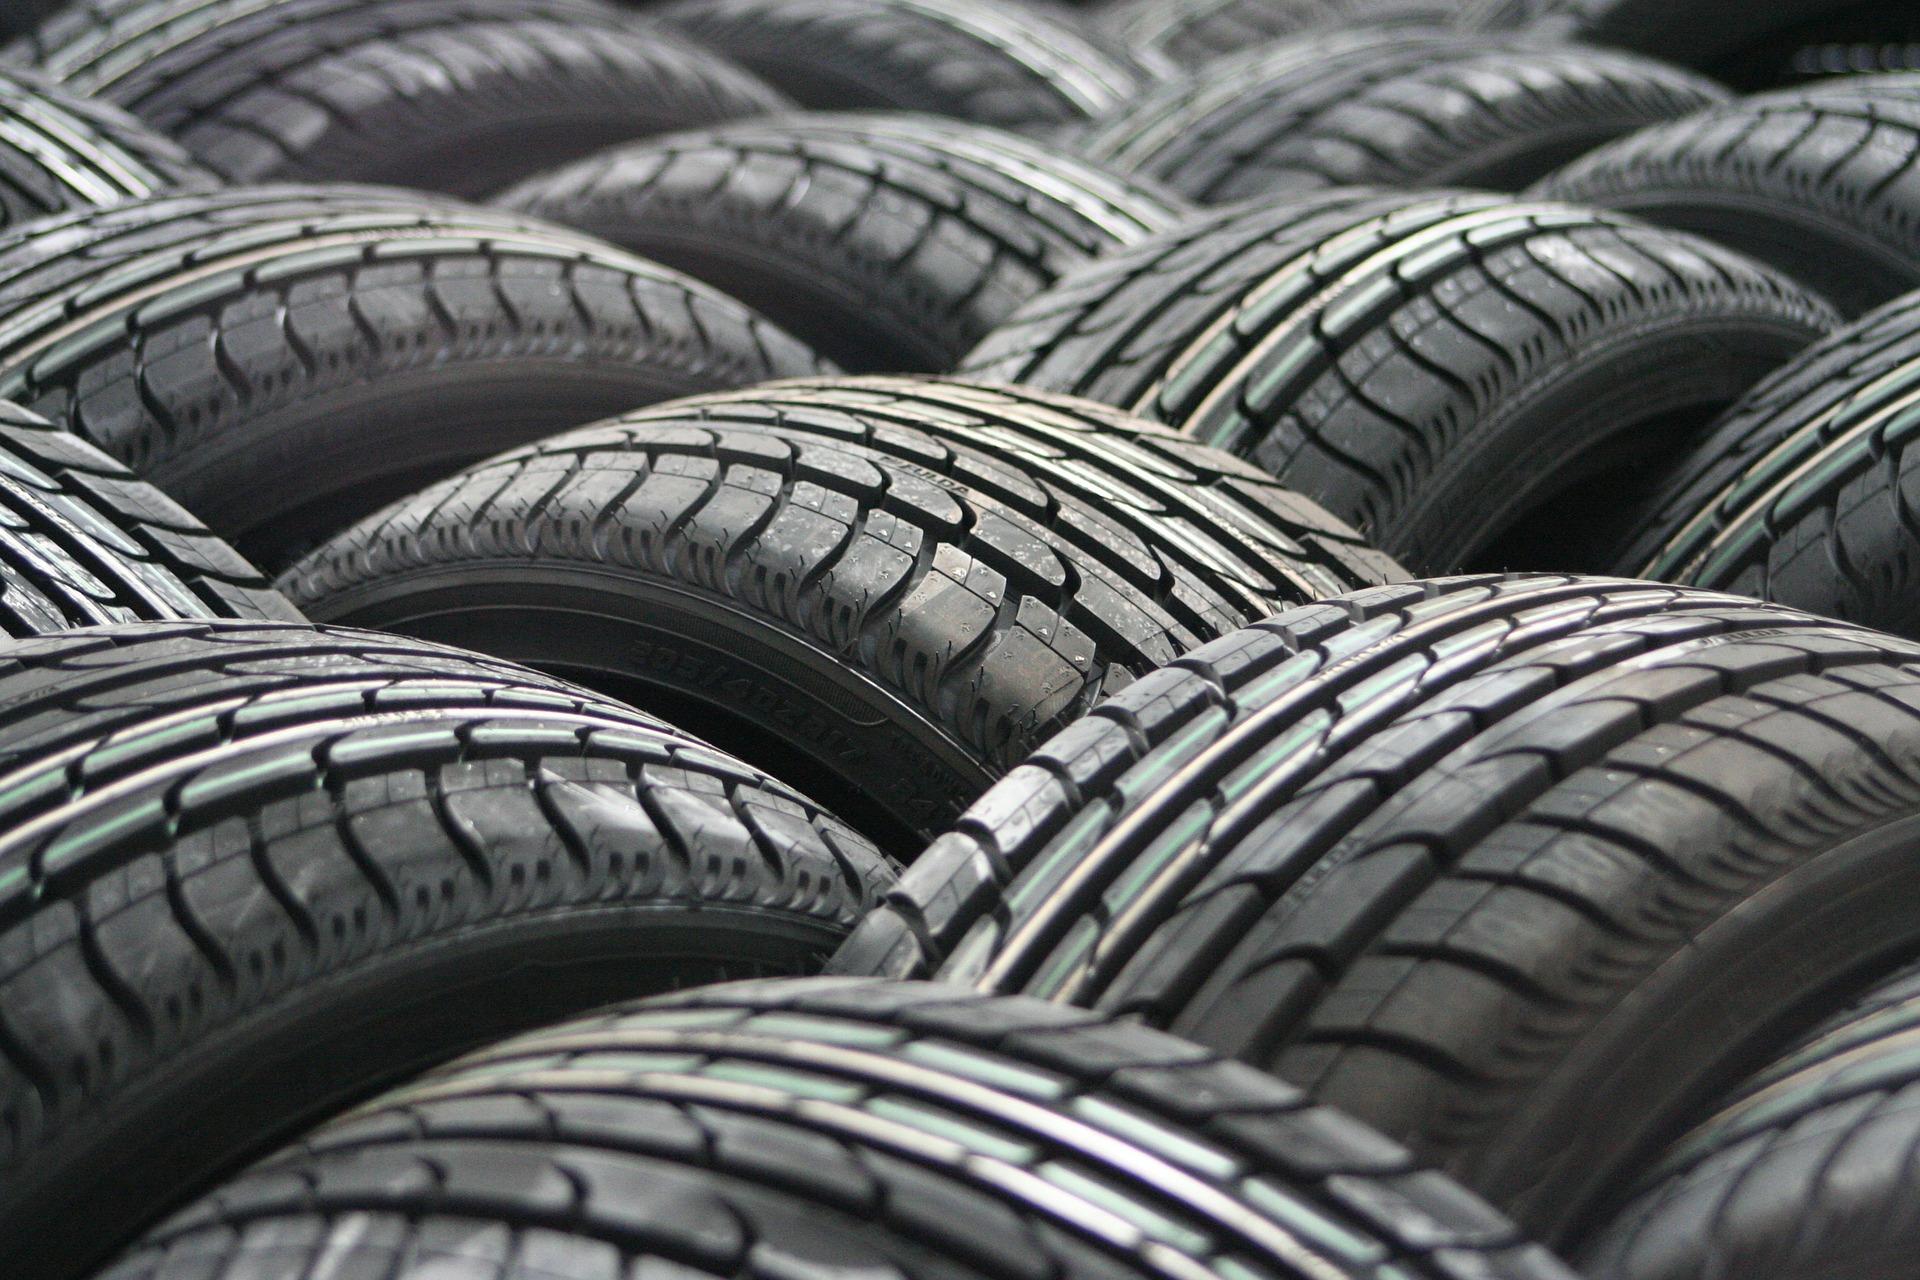 car-tyres-63928_1920.jpg